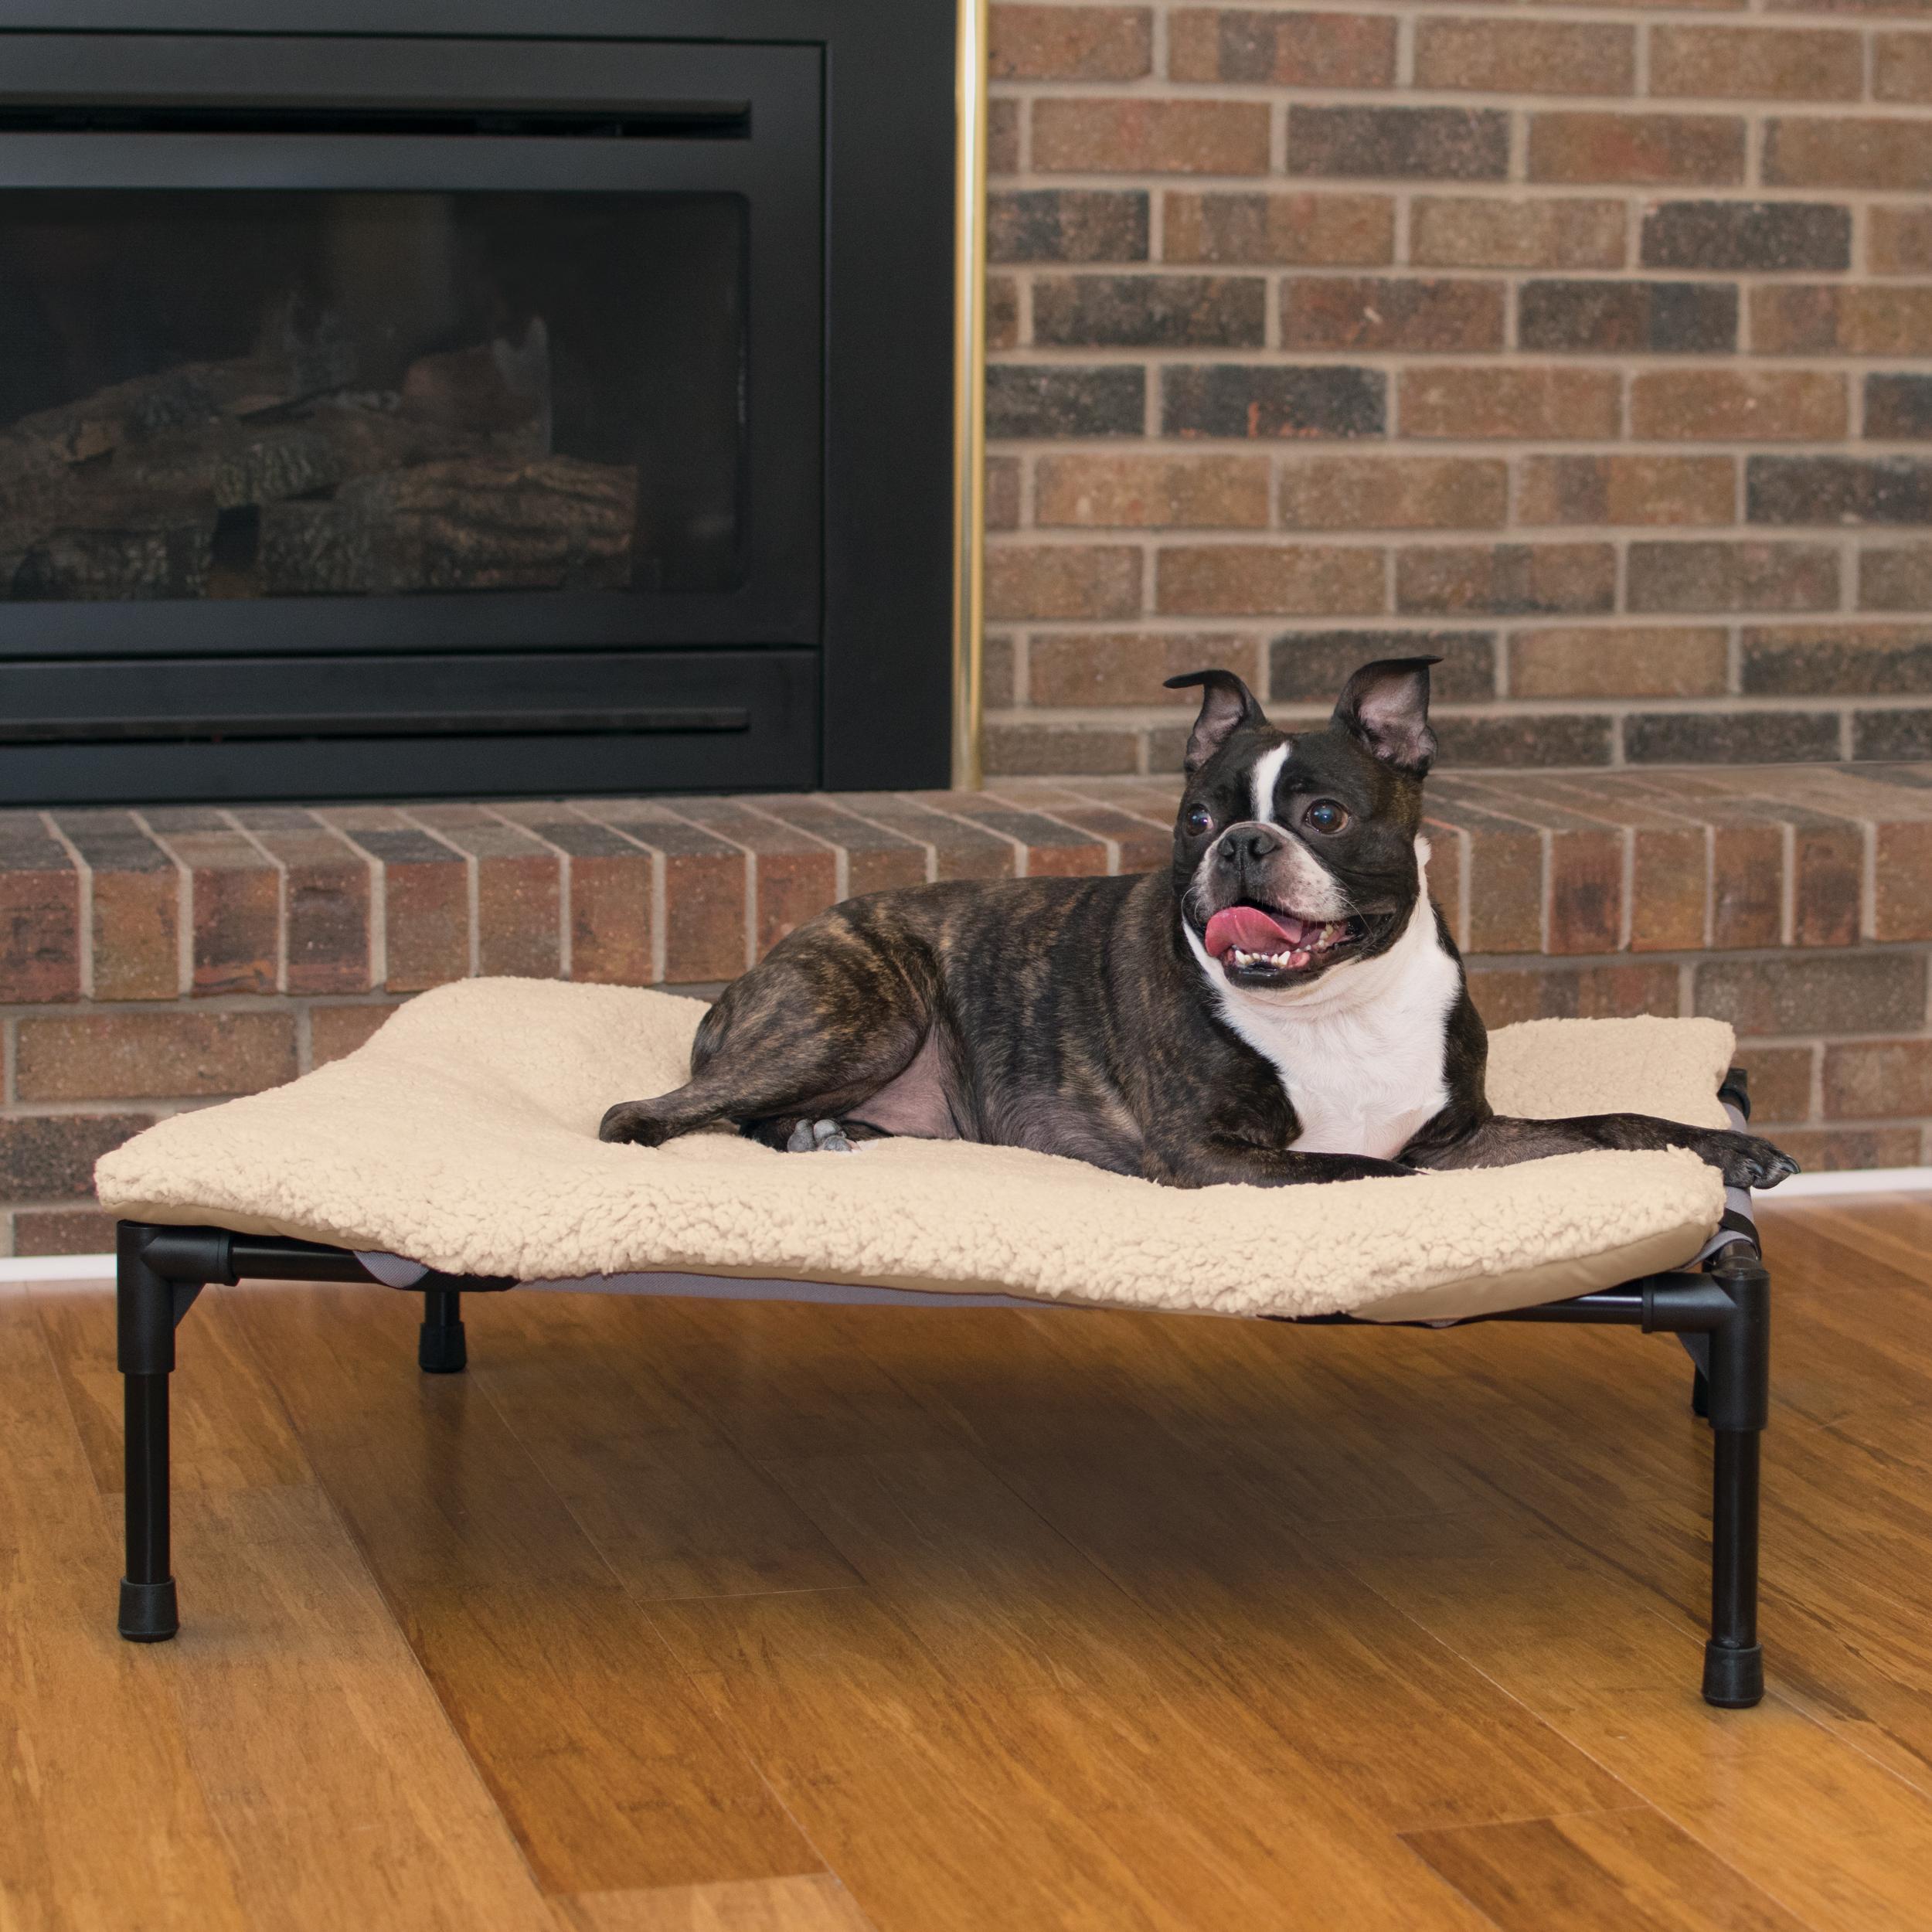 Amazon.com : K&H Pet Products Original Pet Cot Pad Medium